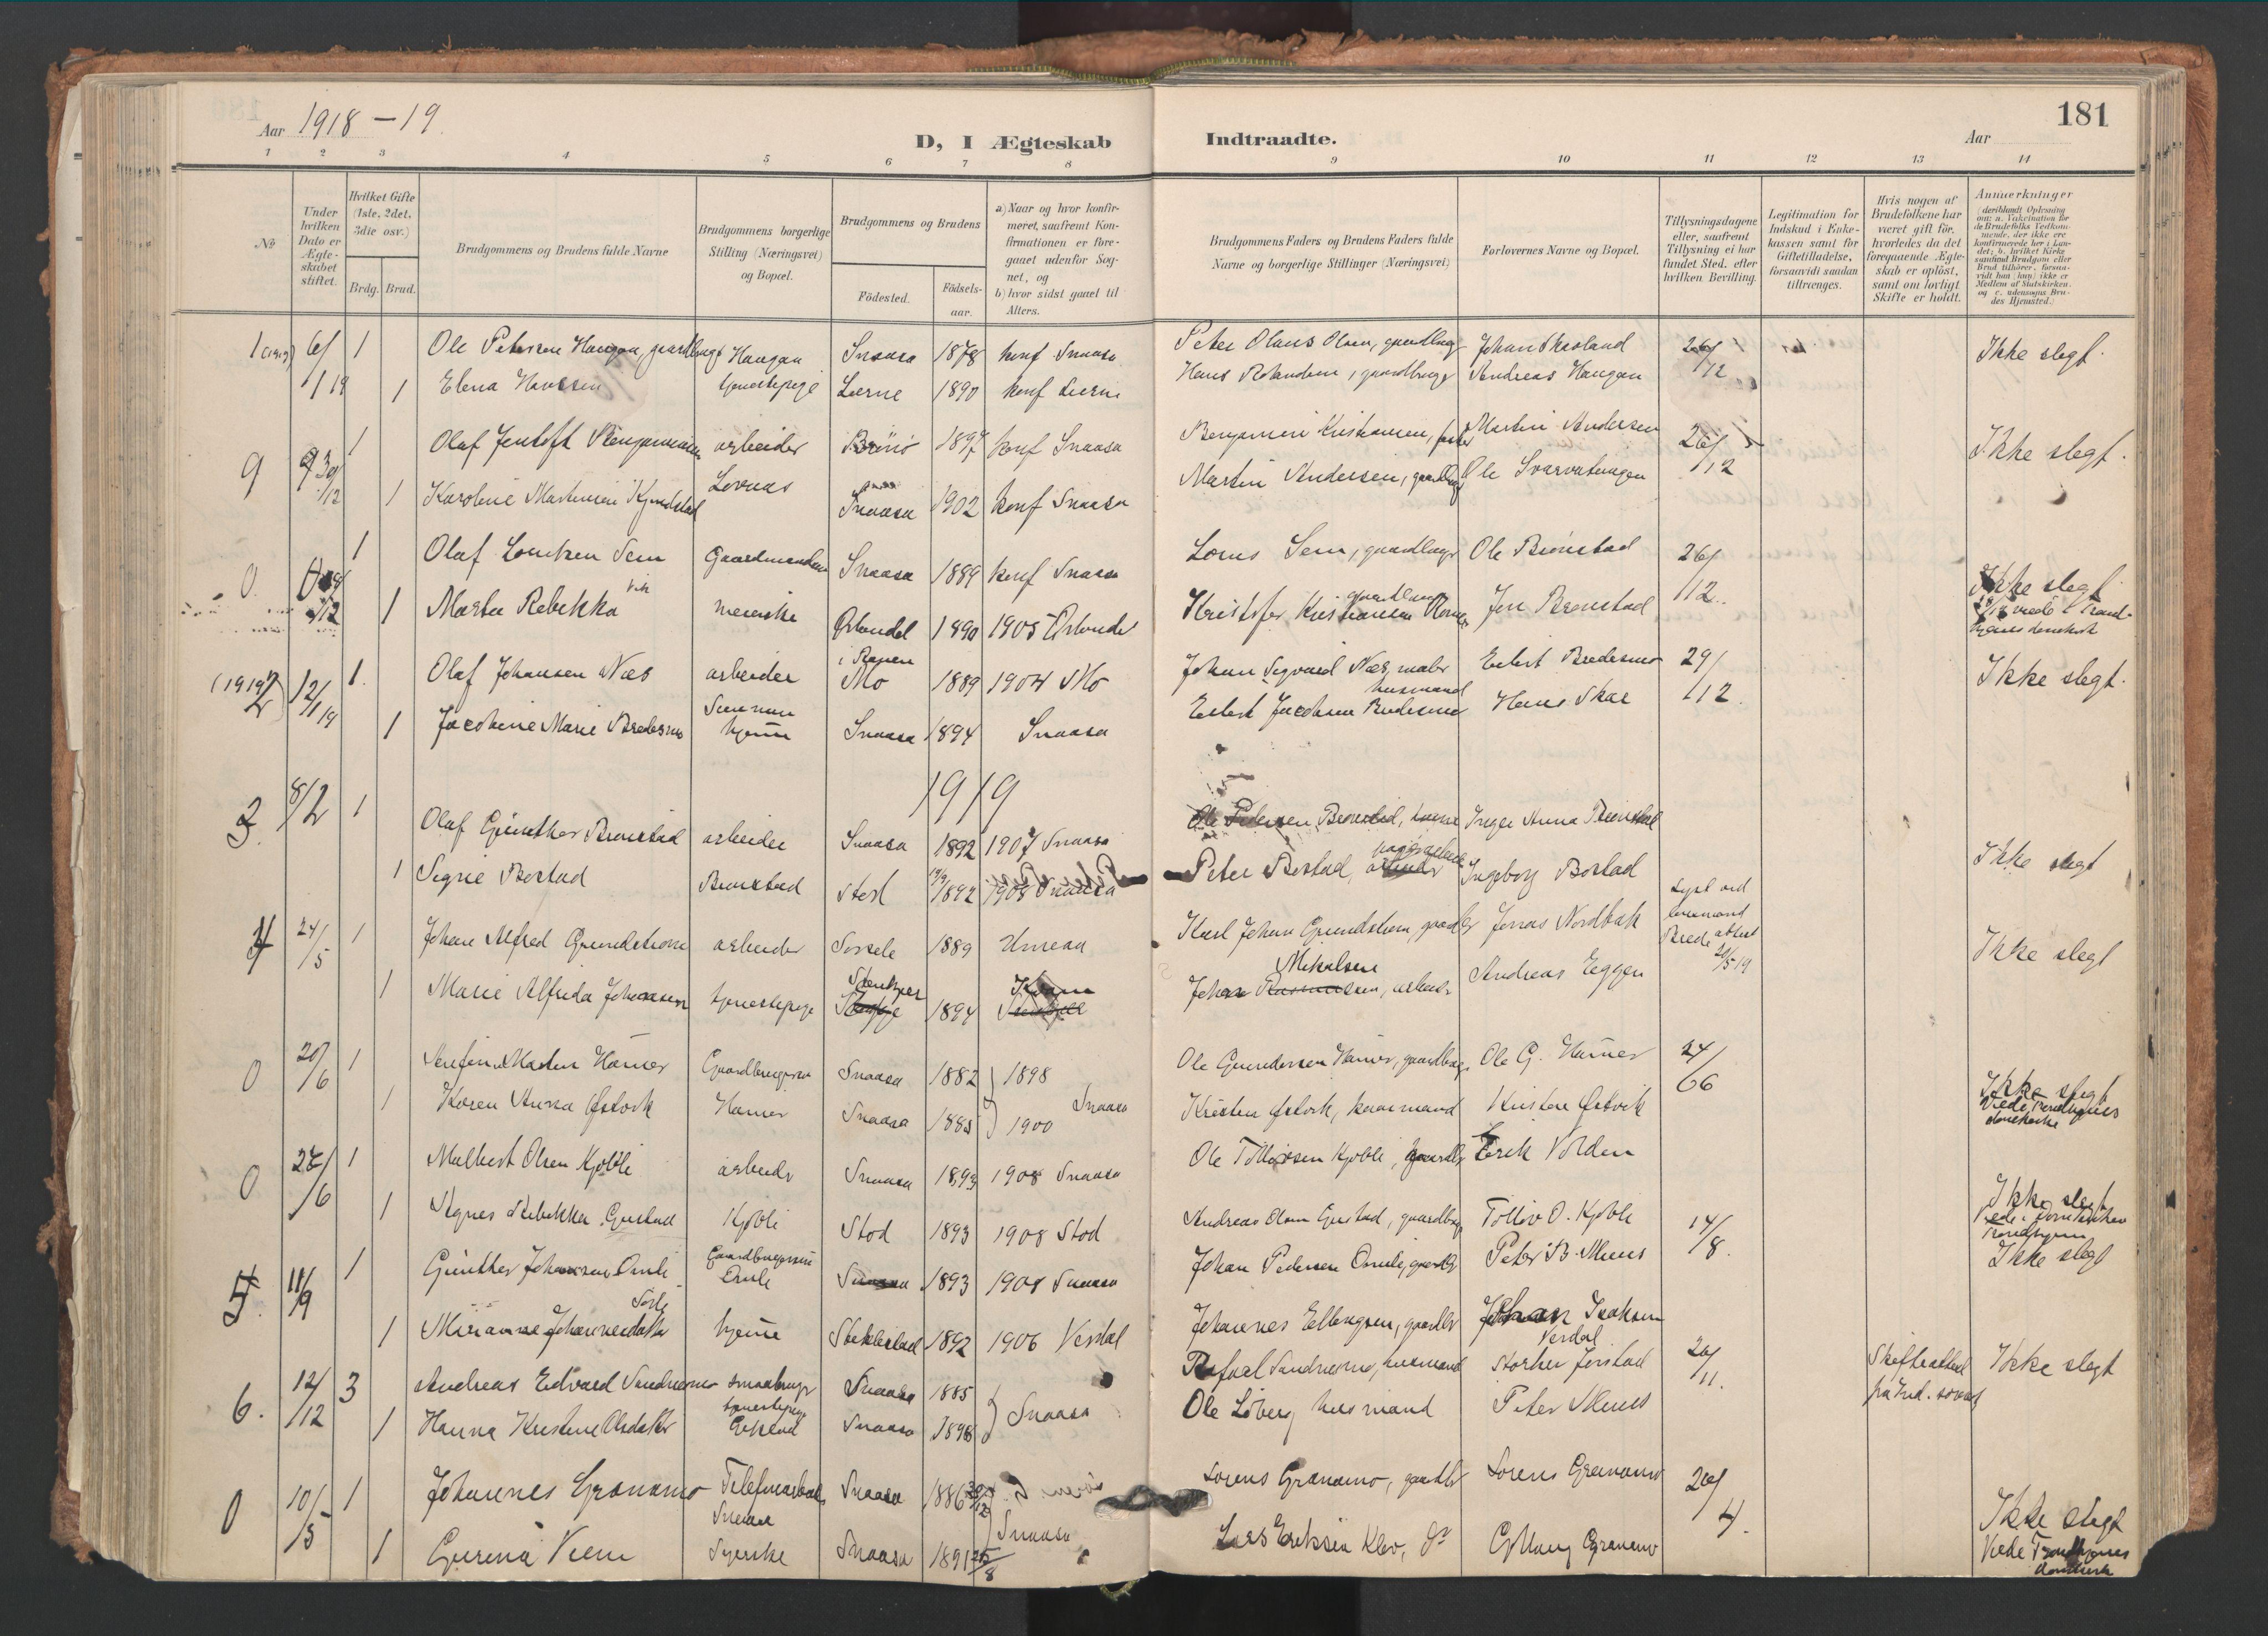 SAT, Ministerialprotokoller, klokkerbøker og fødselsregistre - Nord-Trøndelag, 749/L0477: Ministerialbok nr. 749A11, 1902-1927, s. 181